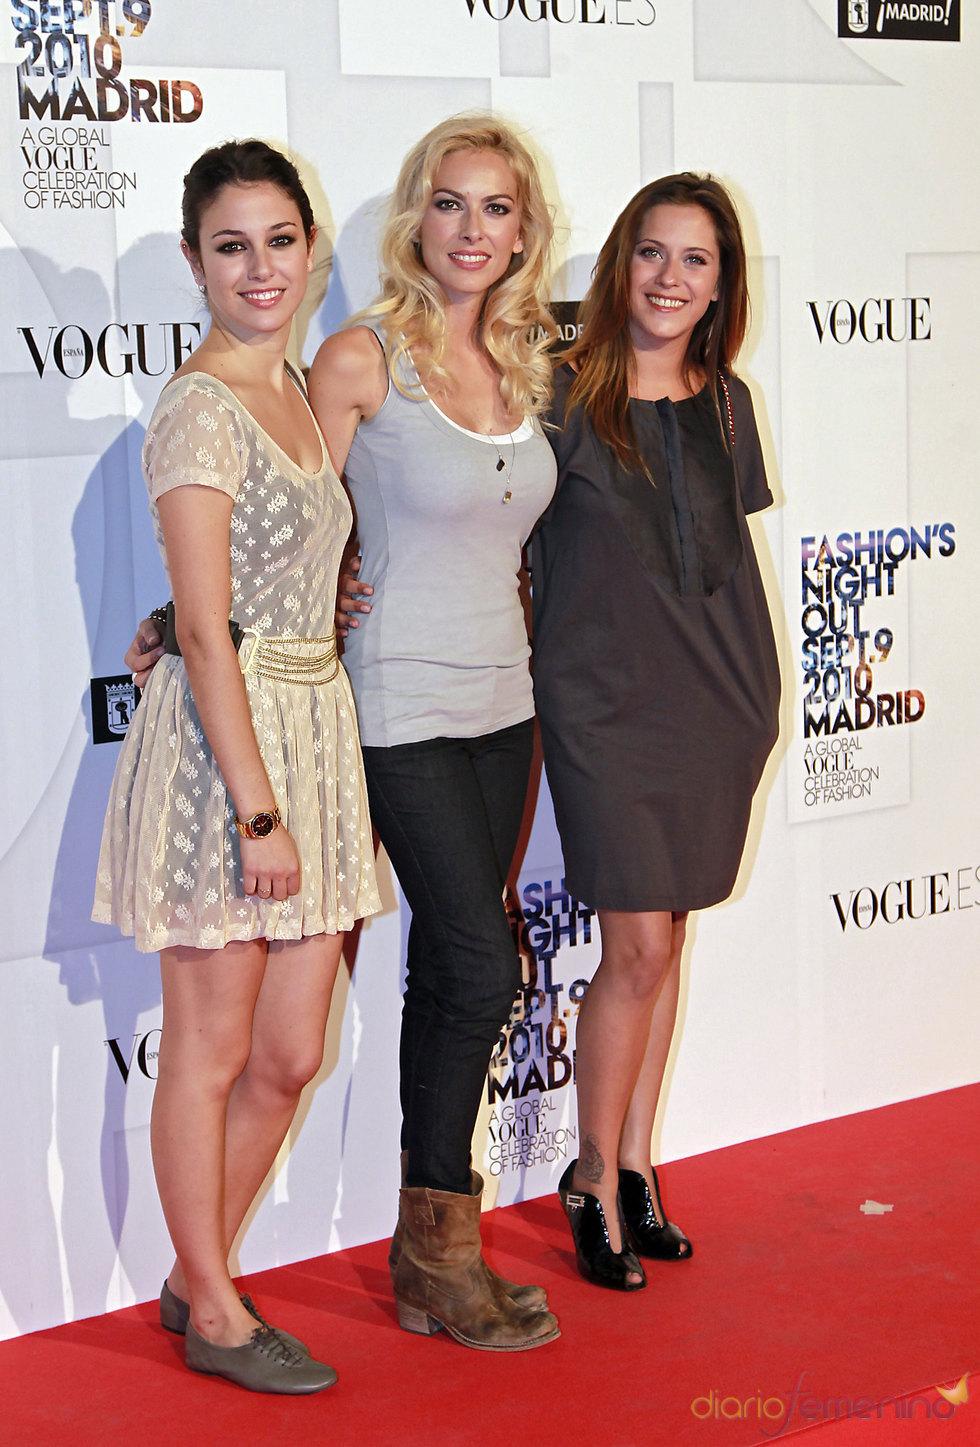 Blanca Suárez, Kira Miró y María León en la fiesta de Vogue